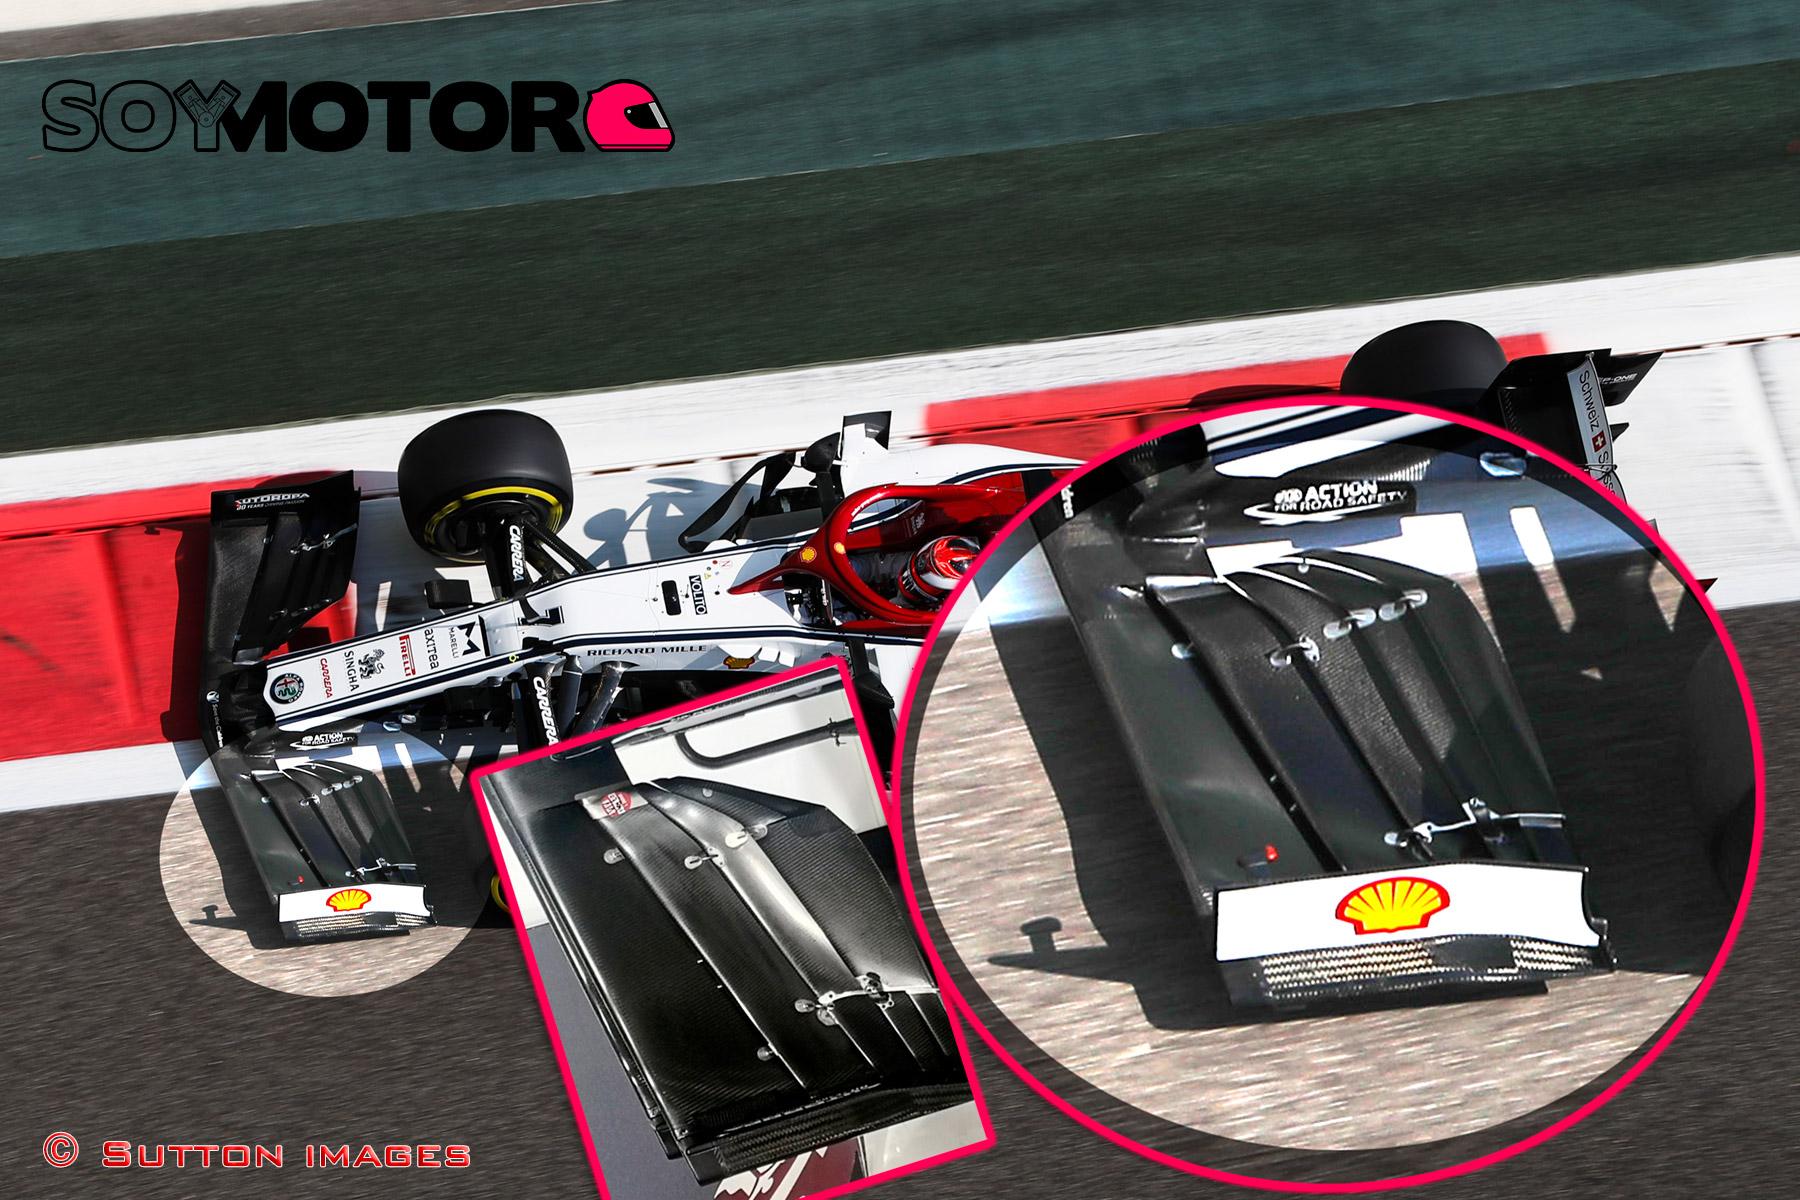 alfa-rome-dos-alas-delanteras-soymotor.jpg